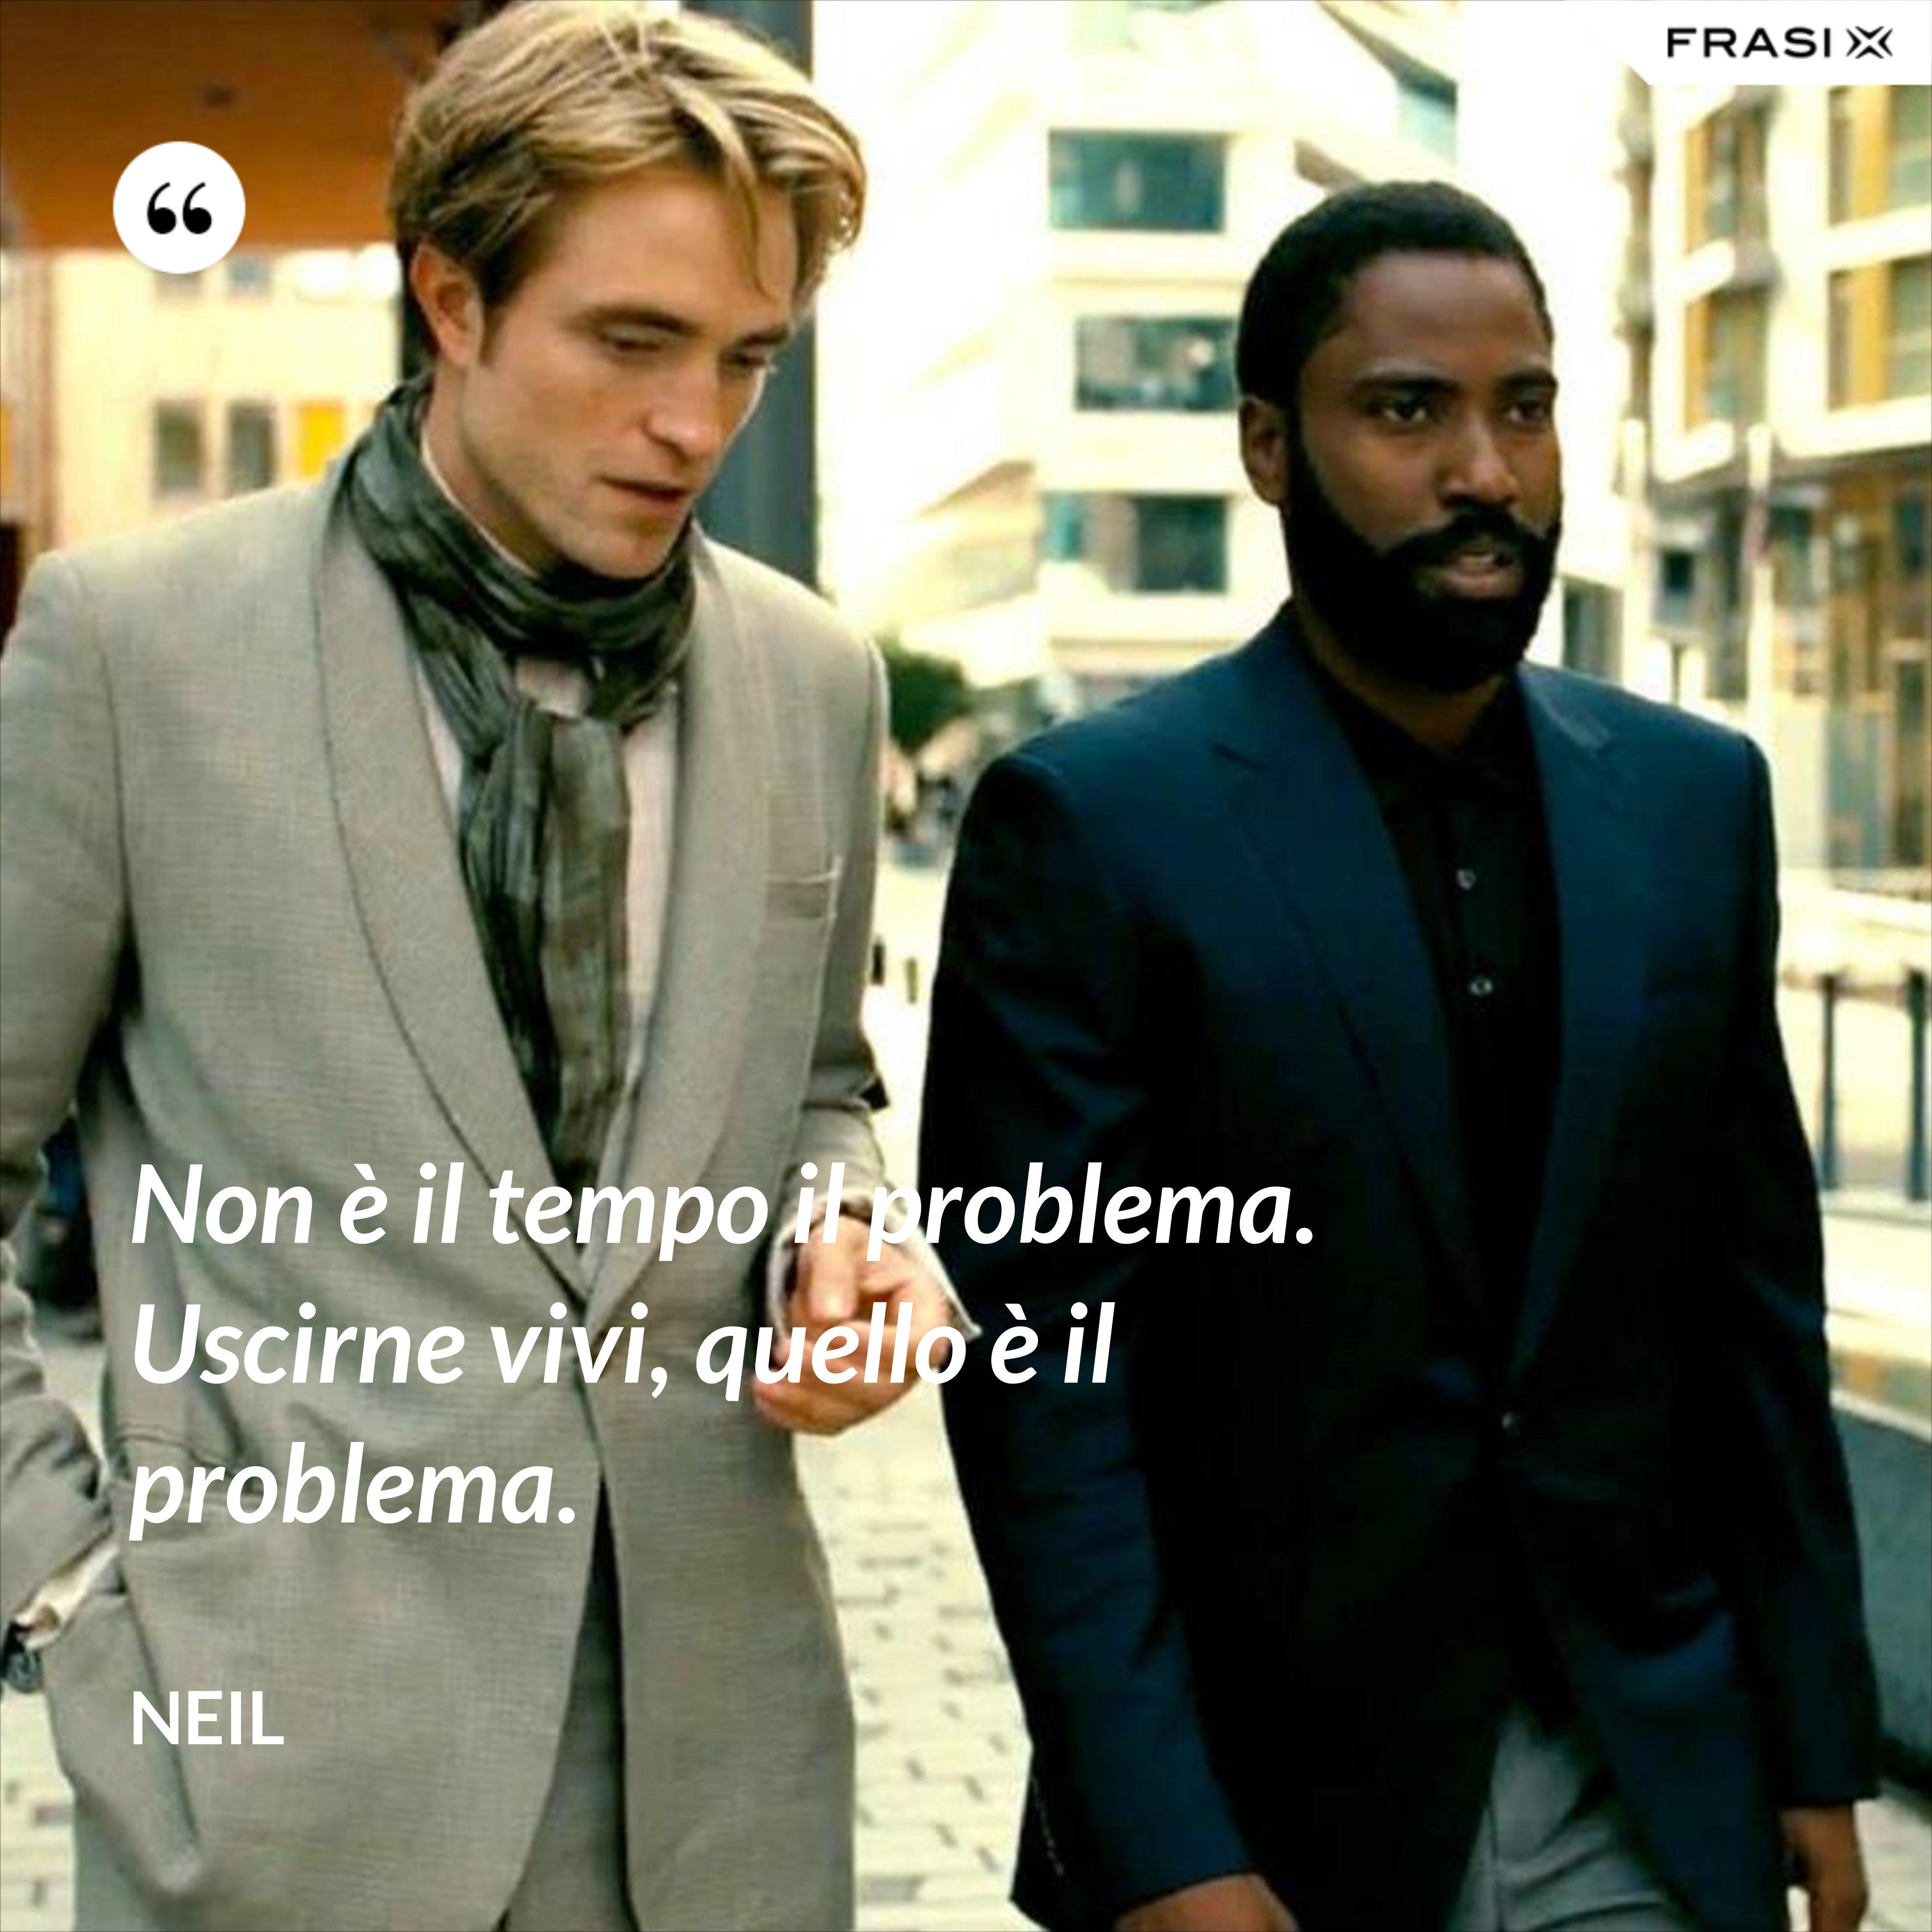 Non è il tempo il problema. Uscirne vivi, quello è il problema. - Neil